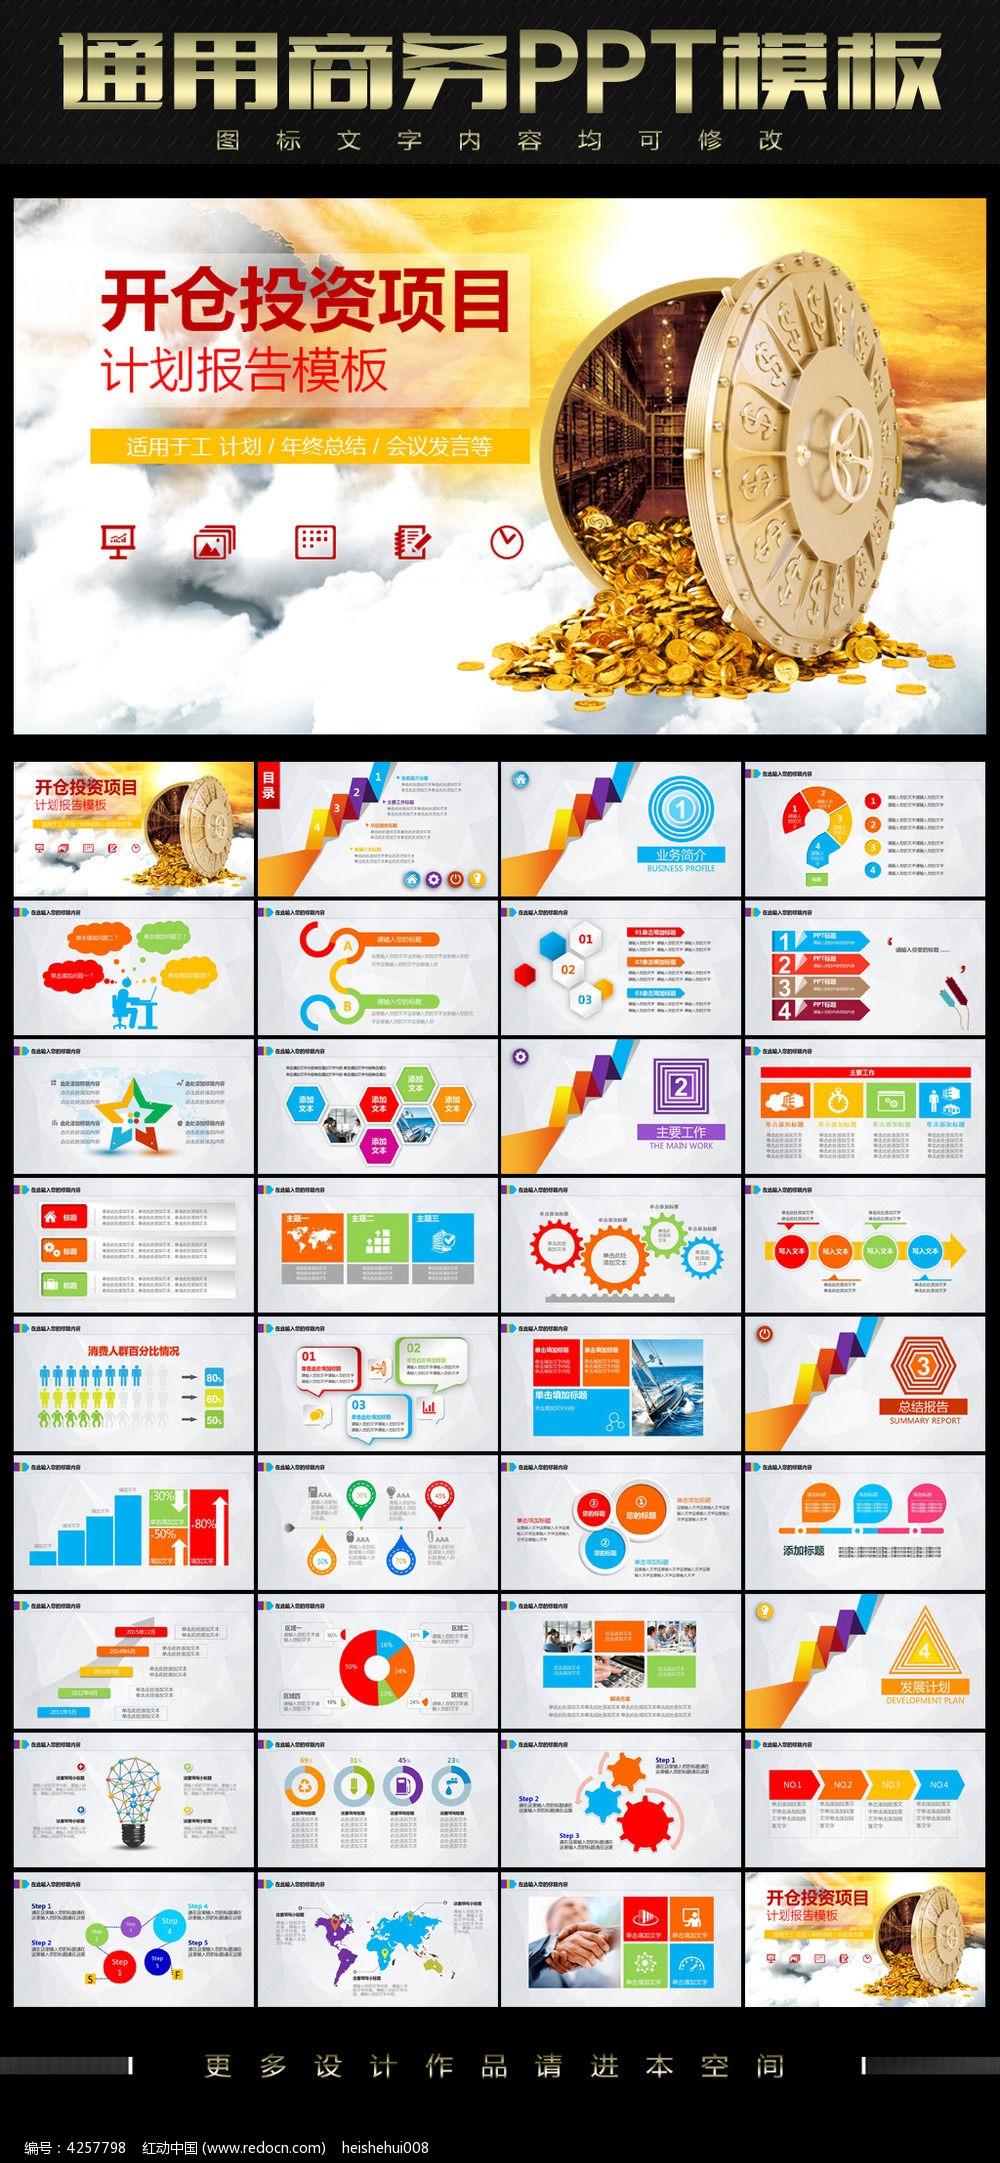 金融产品ppt展示模板pptx素材下载_金融理财ppt设计图片